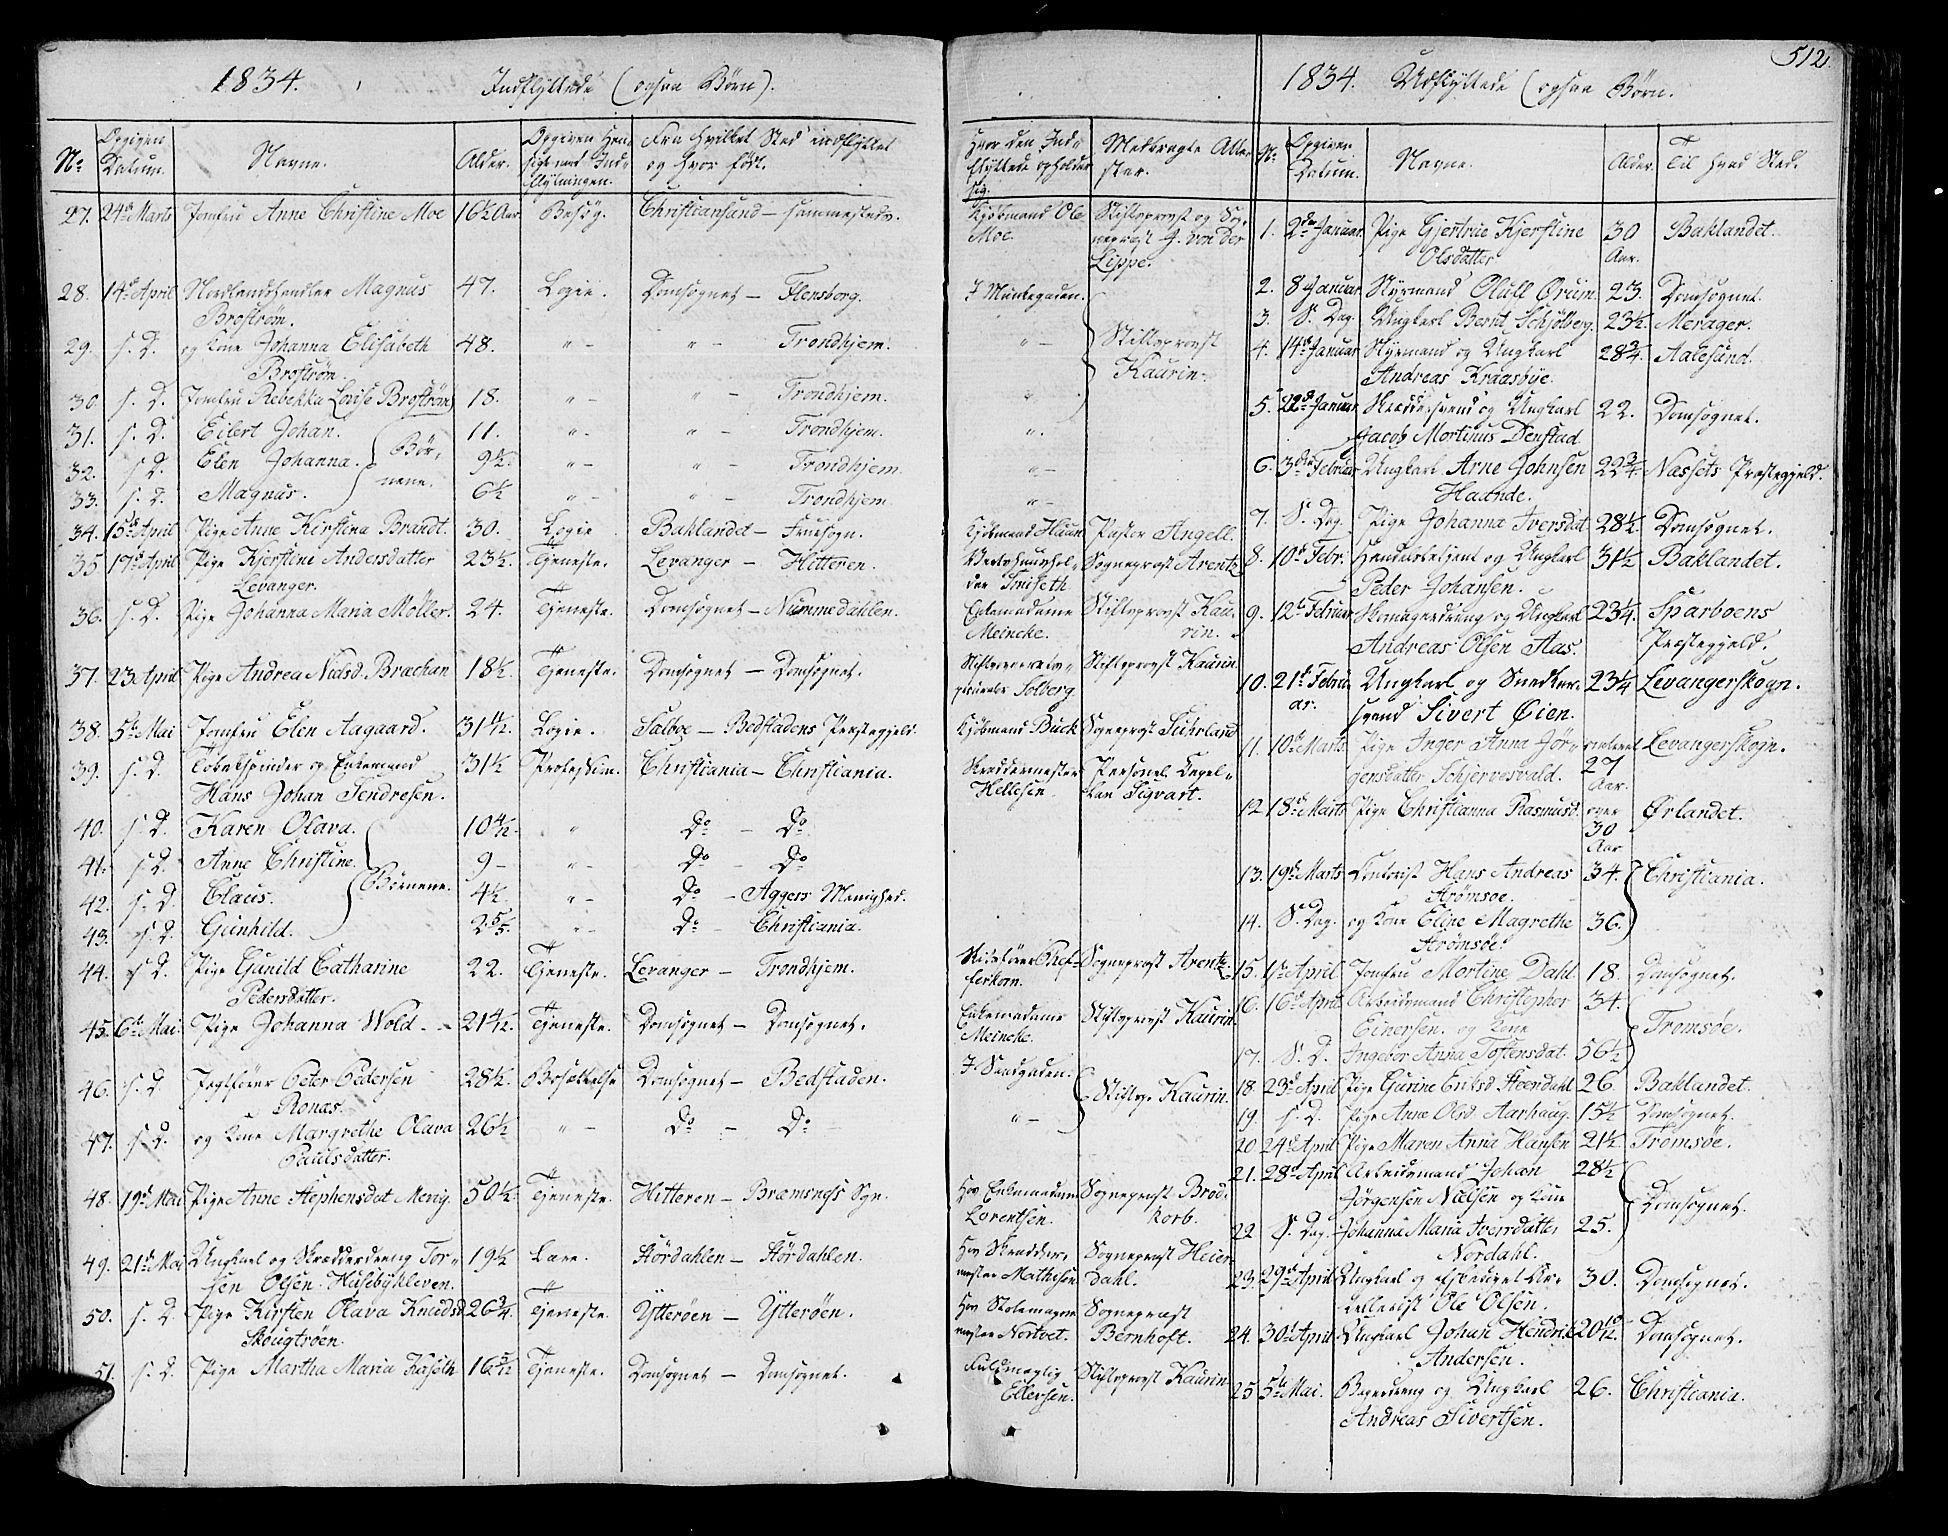 SAT, Ministerialprotokoller, klokkerbøker og fødselsregistre - Sør-Trøndelag, 602/L0109: Ministerialbok nr. 602A07, 1821-1840, s. 512